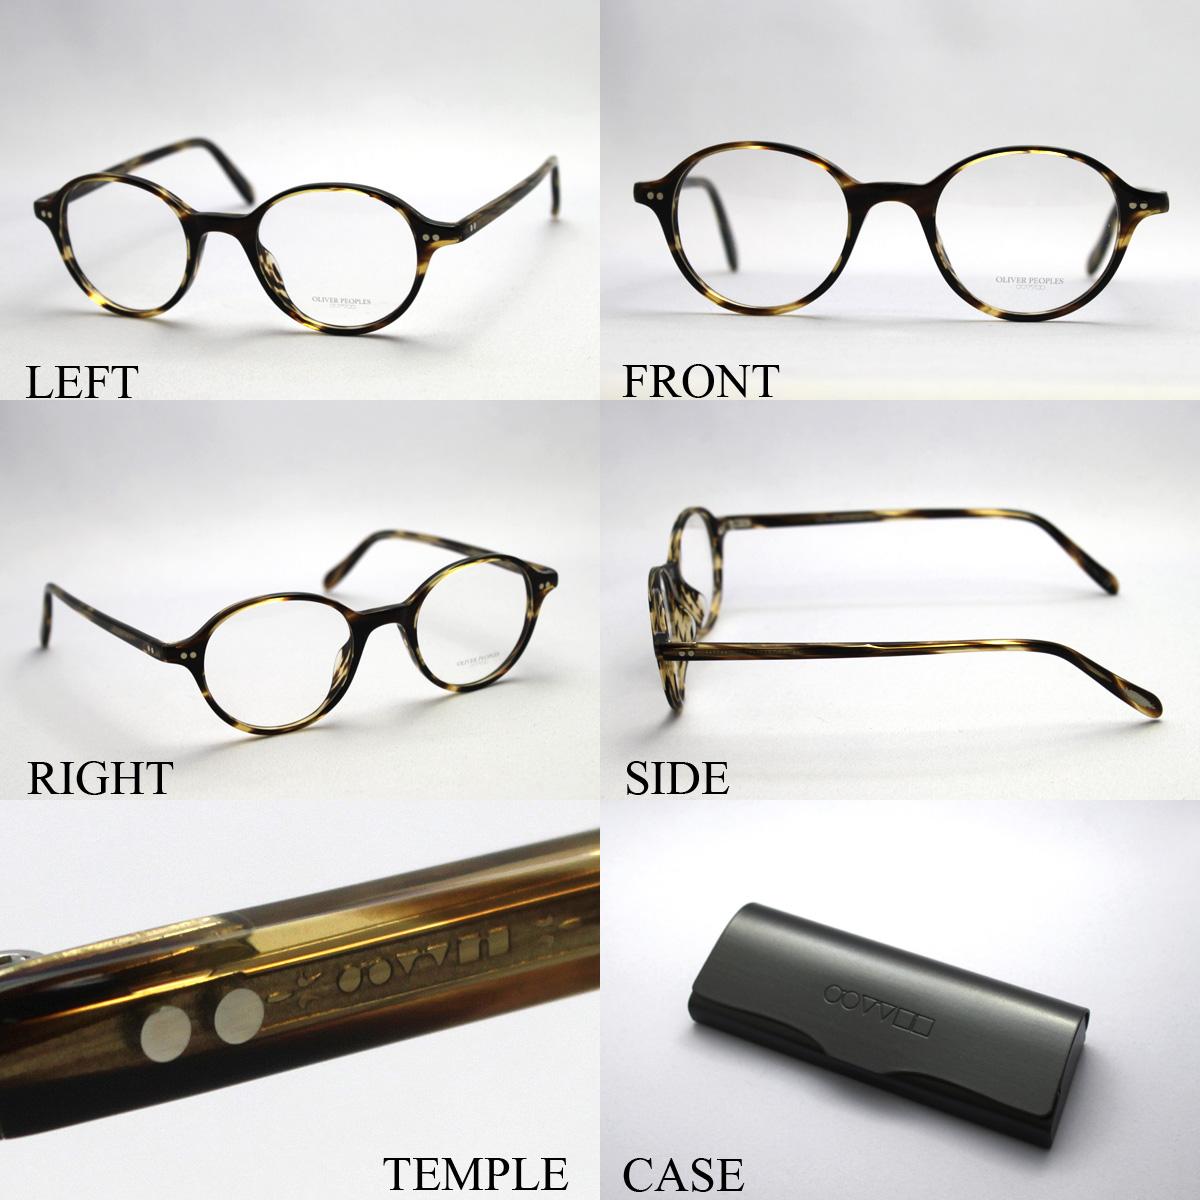 要点最大在1月16日到中午12点59分11倍! 奥利弗大众眼镜没镜片的眼镜没镜片的眼镜度从属于的蓝光眼镜眼镜圆眼镜OV5176 1003 KALDER